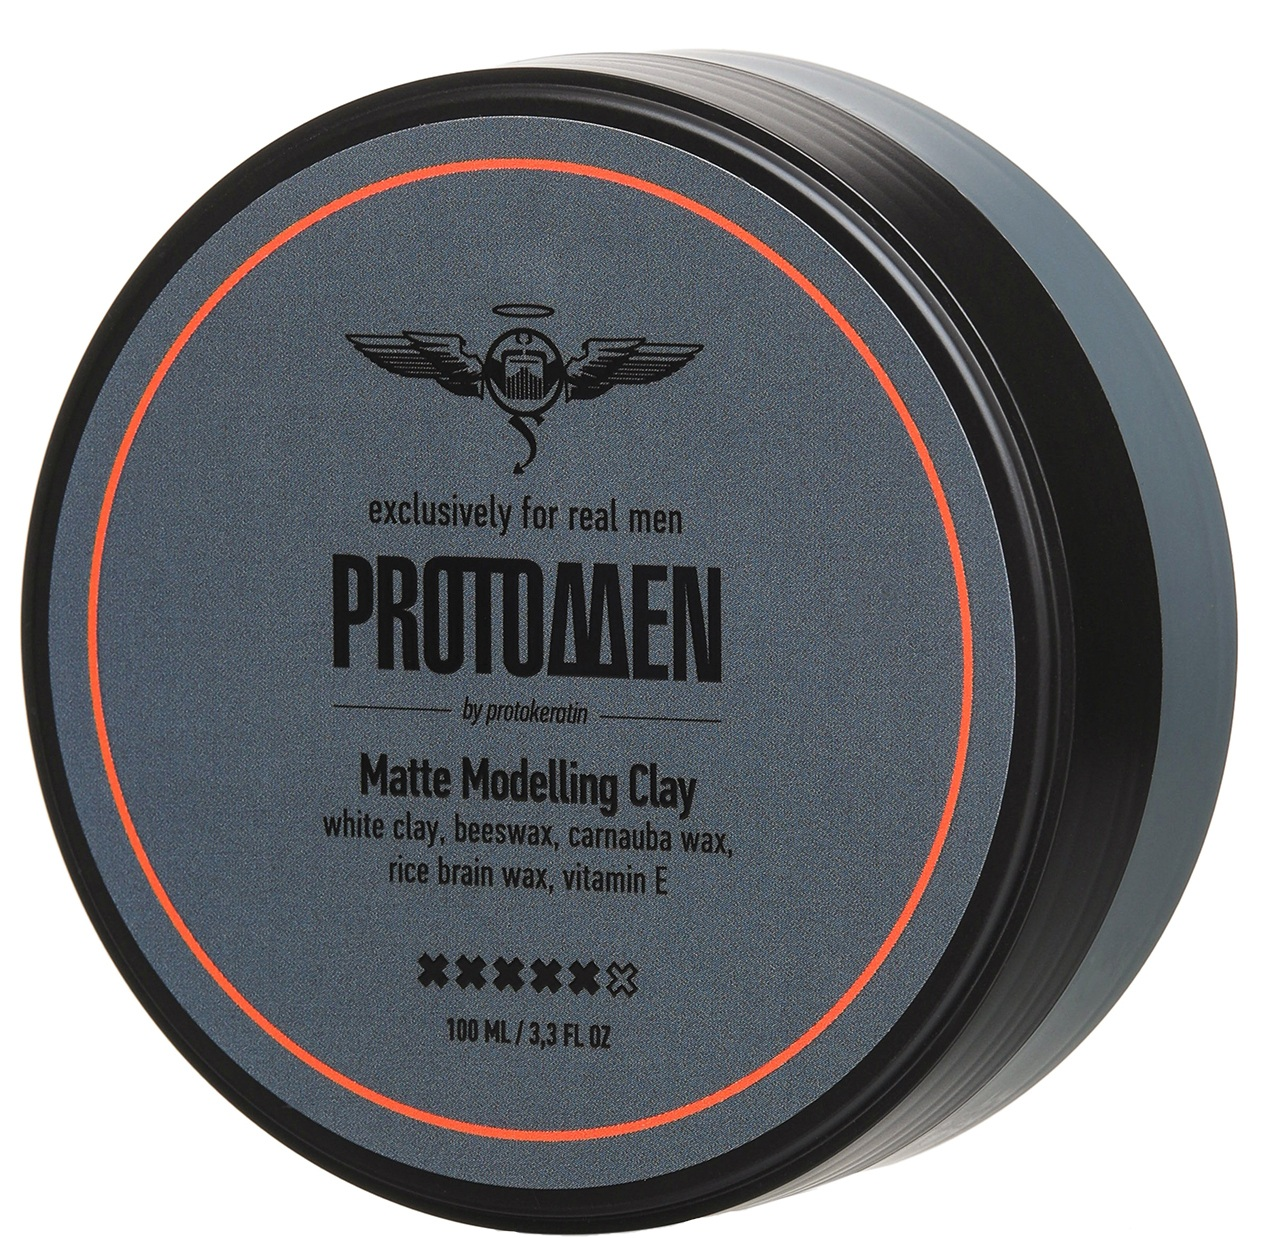 PROTOKERATIN Глина моделирующая матовая сильной фиксации, для мужчин / ProtoMEN 100 мл фото